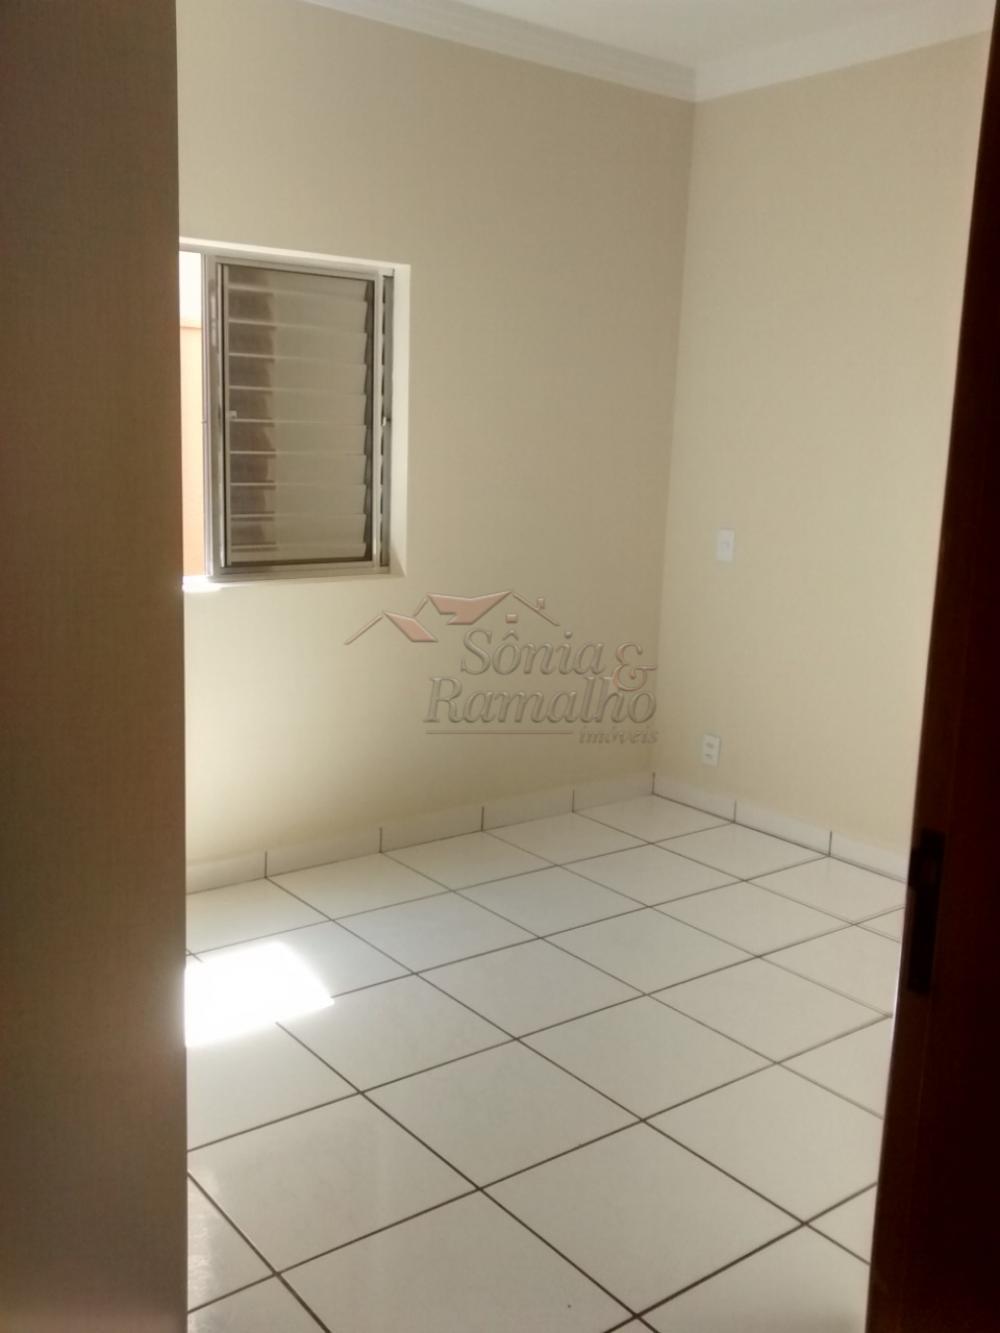 Comprar Apartamentos / Padrão em Ribeirão Preto apenas R$ 230.000,00 - Foto 12